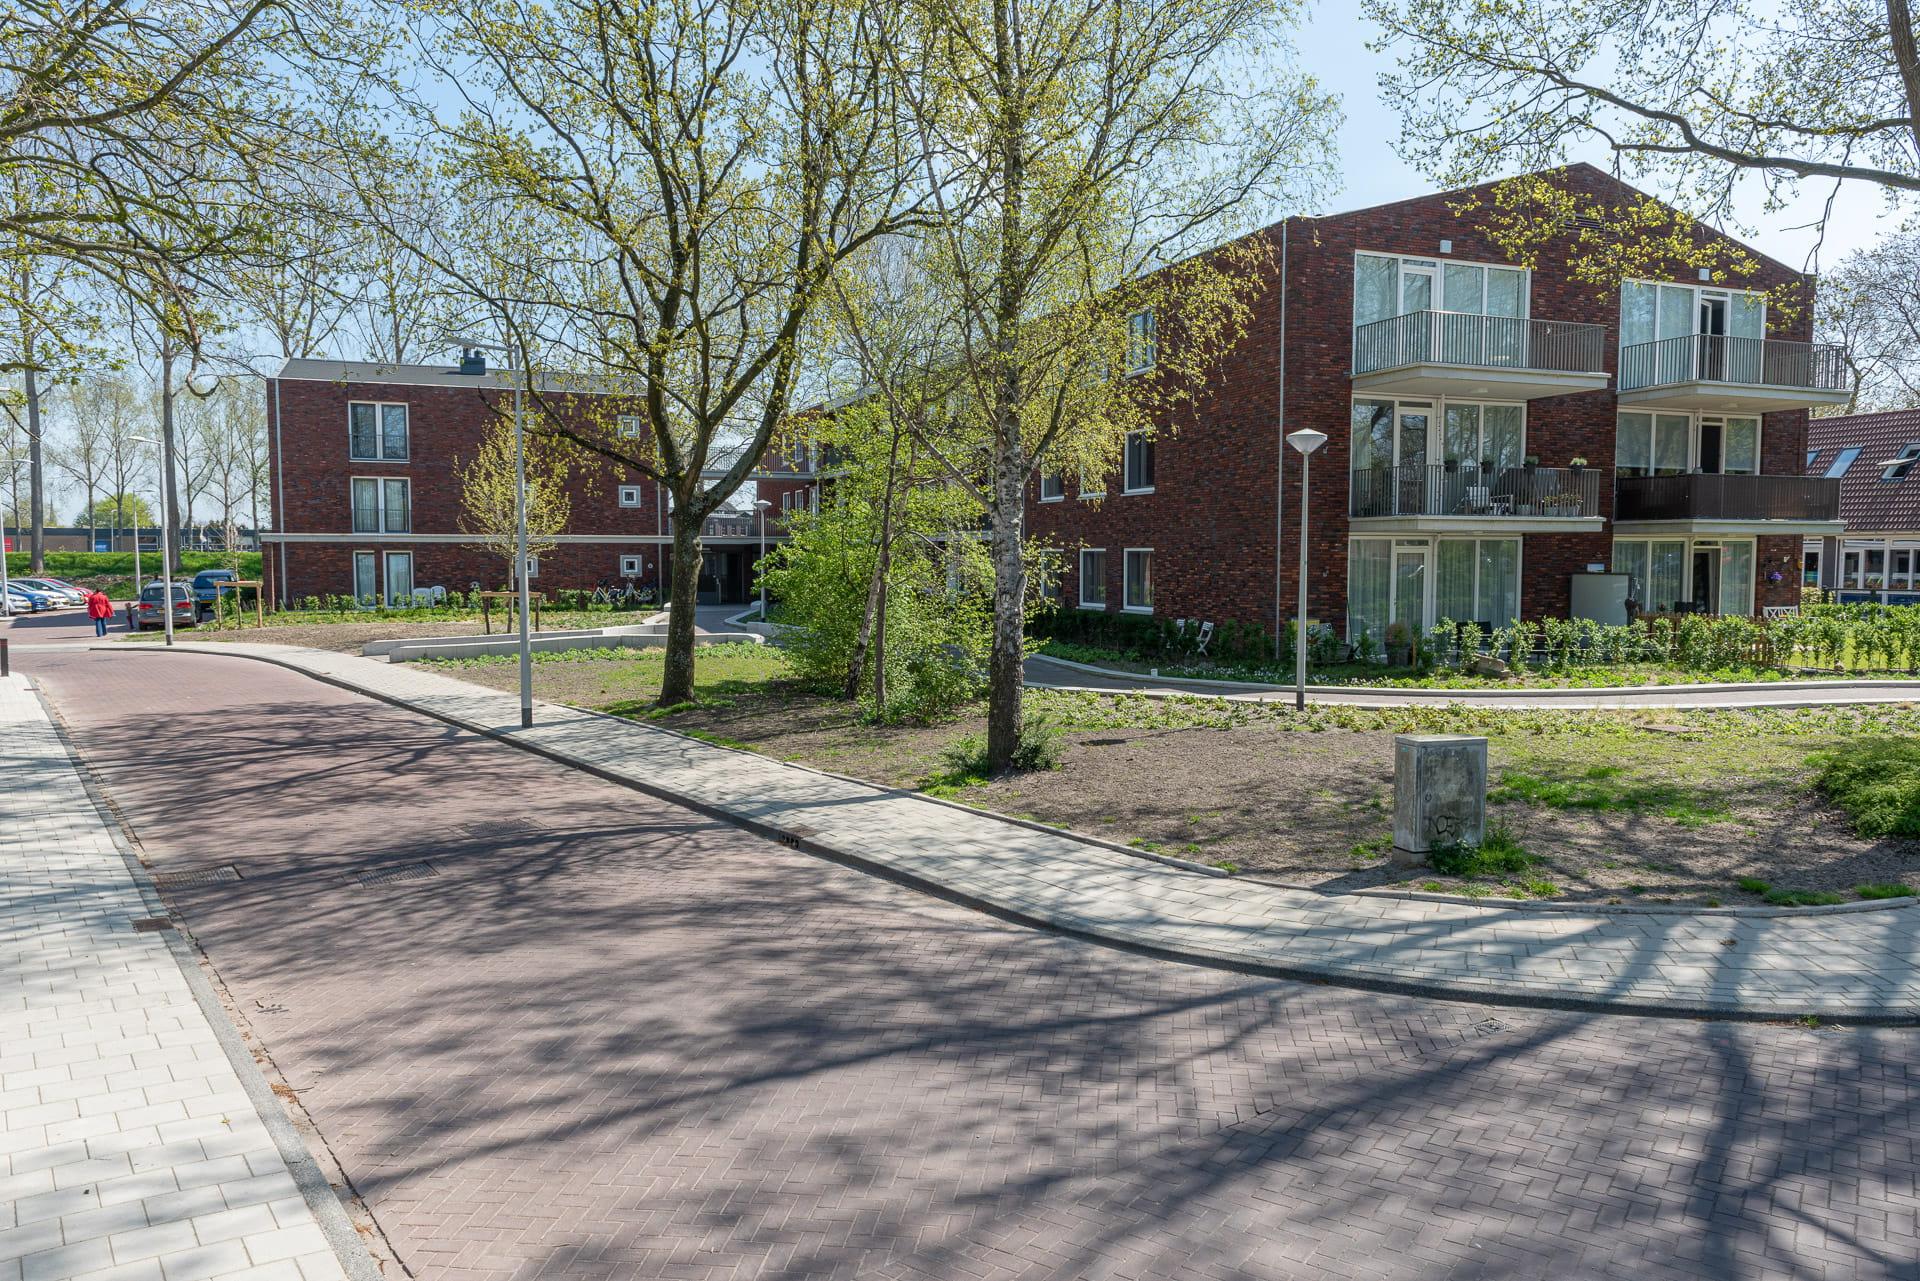 Vanaf een weg zicht op een roodbruin gebouw met bomen op de voorgrond